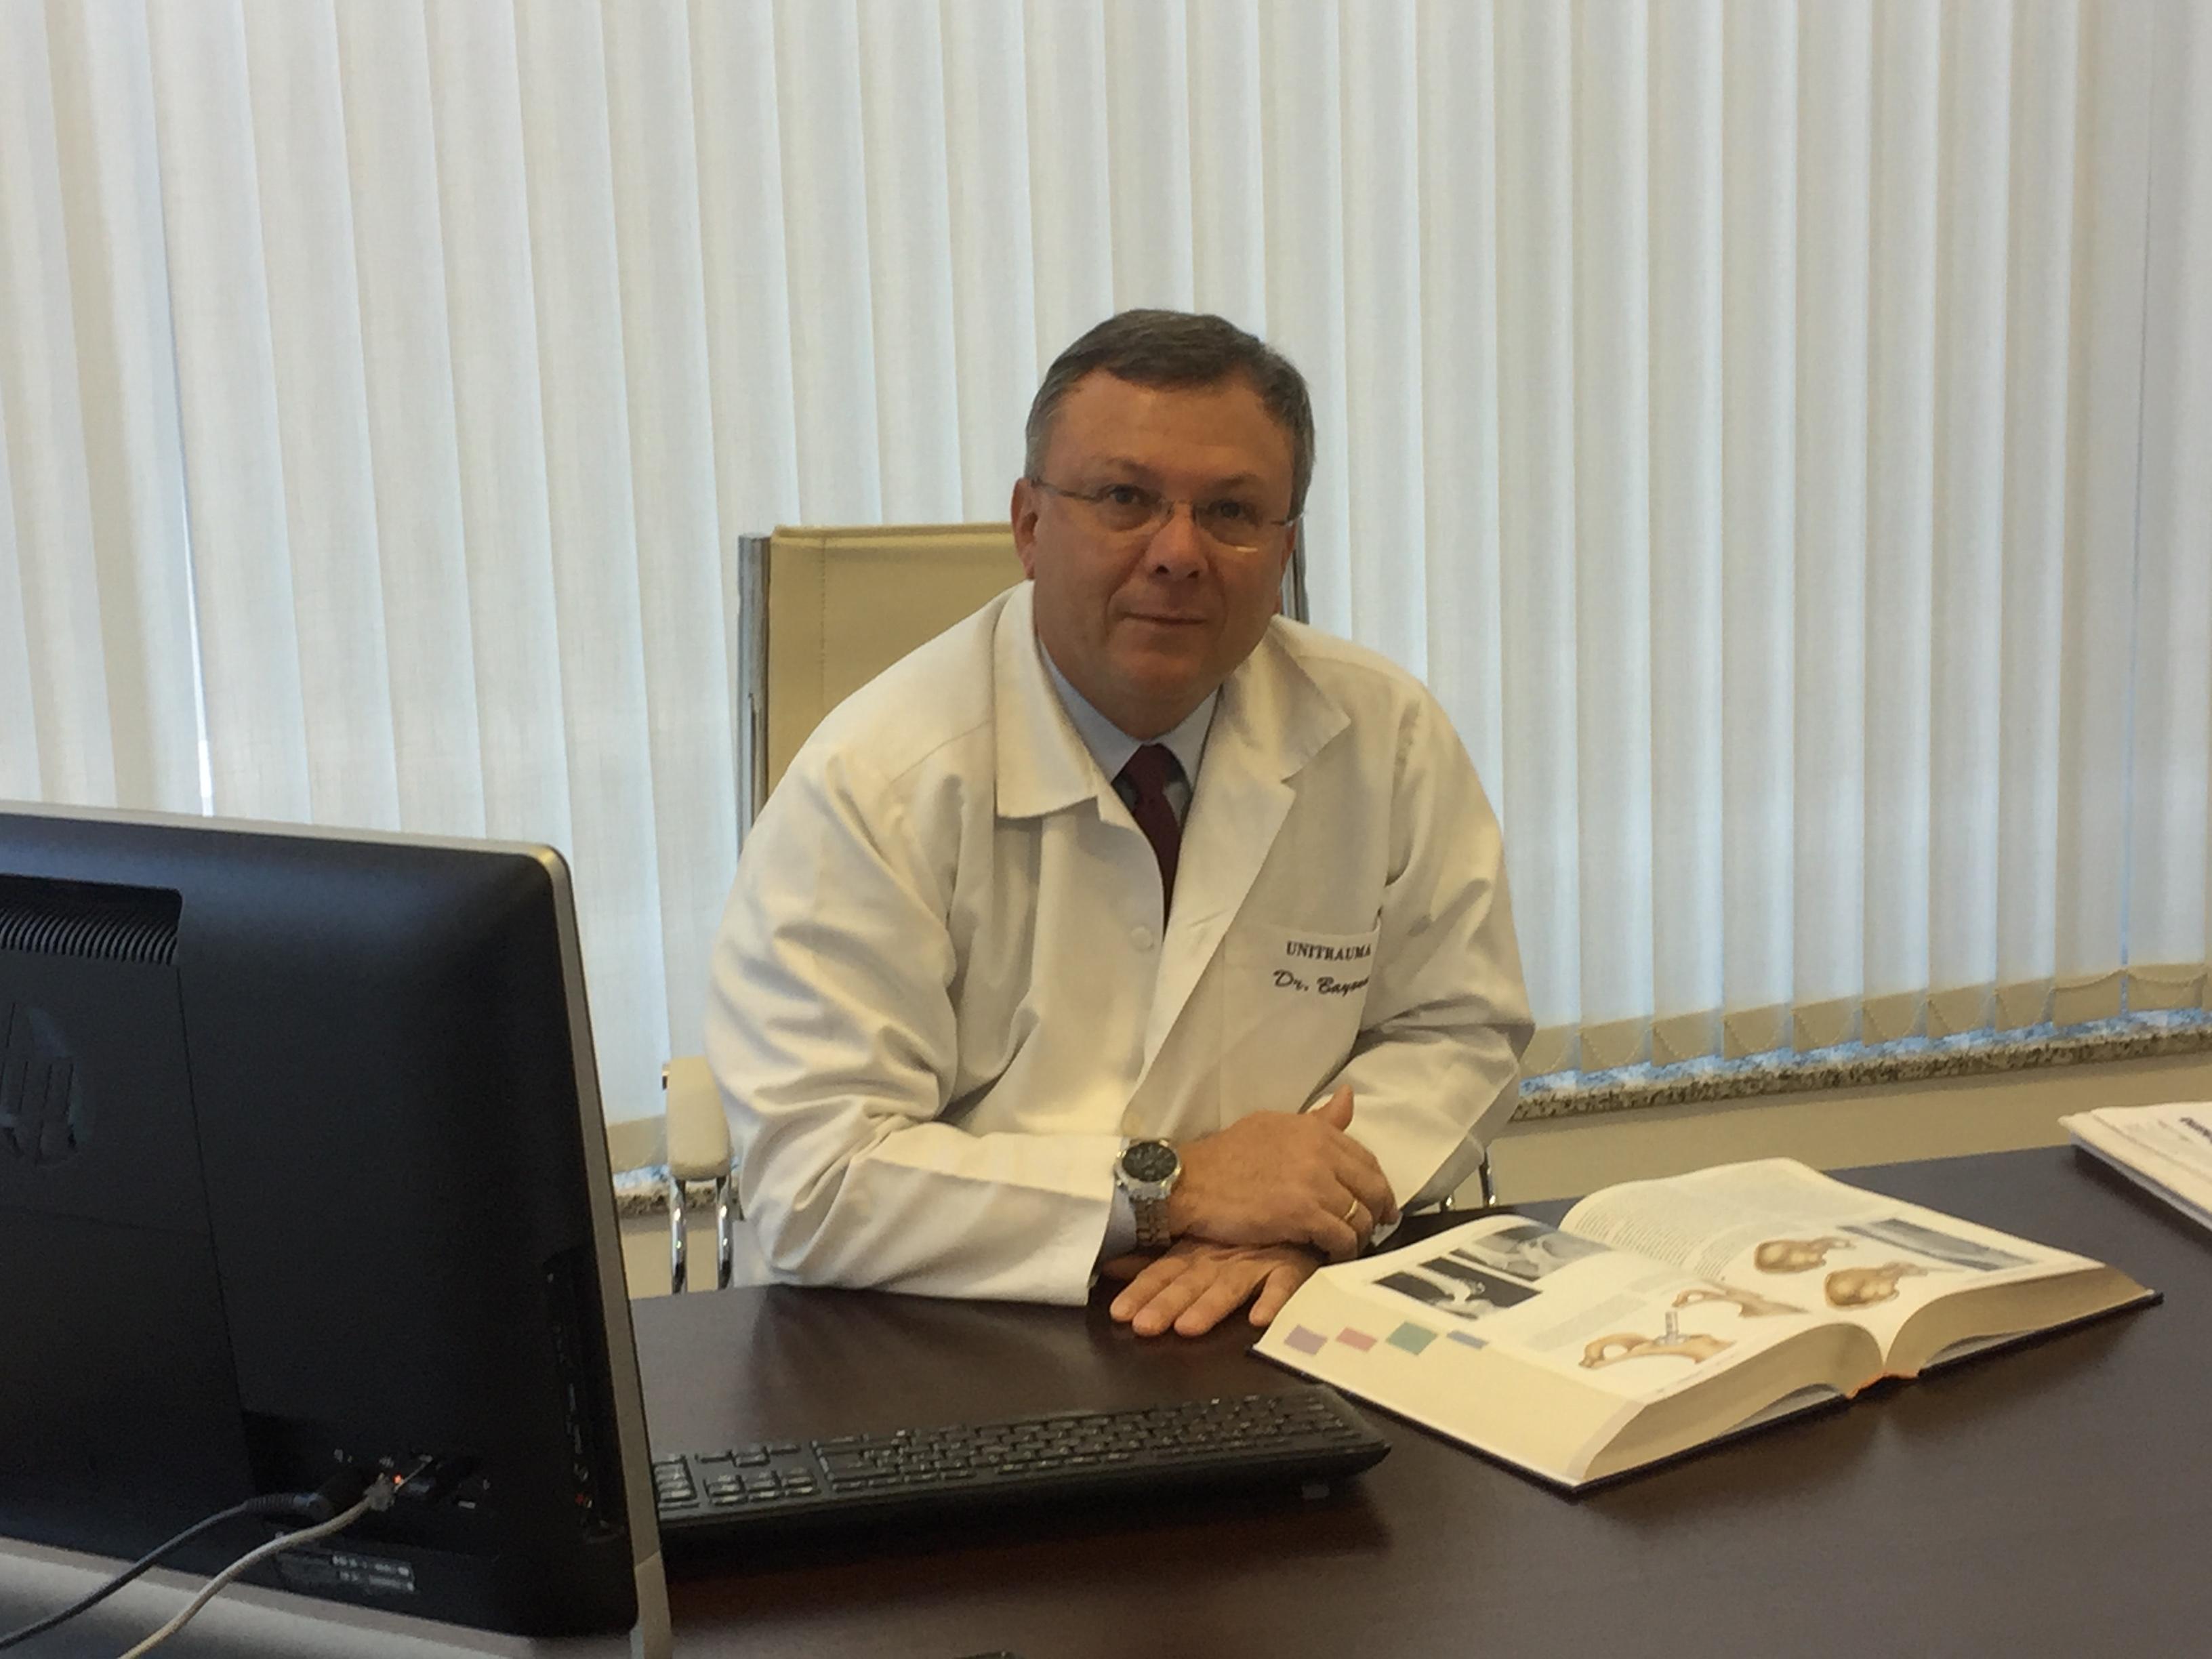 Dr. DAVID BAYONA